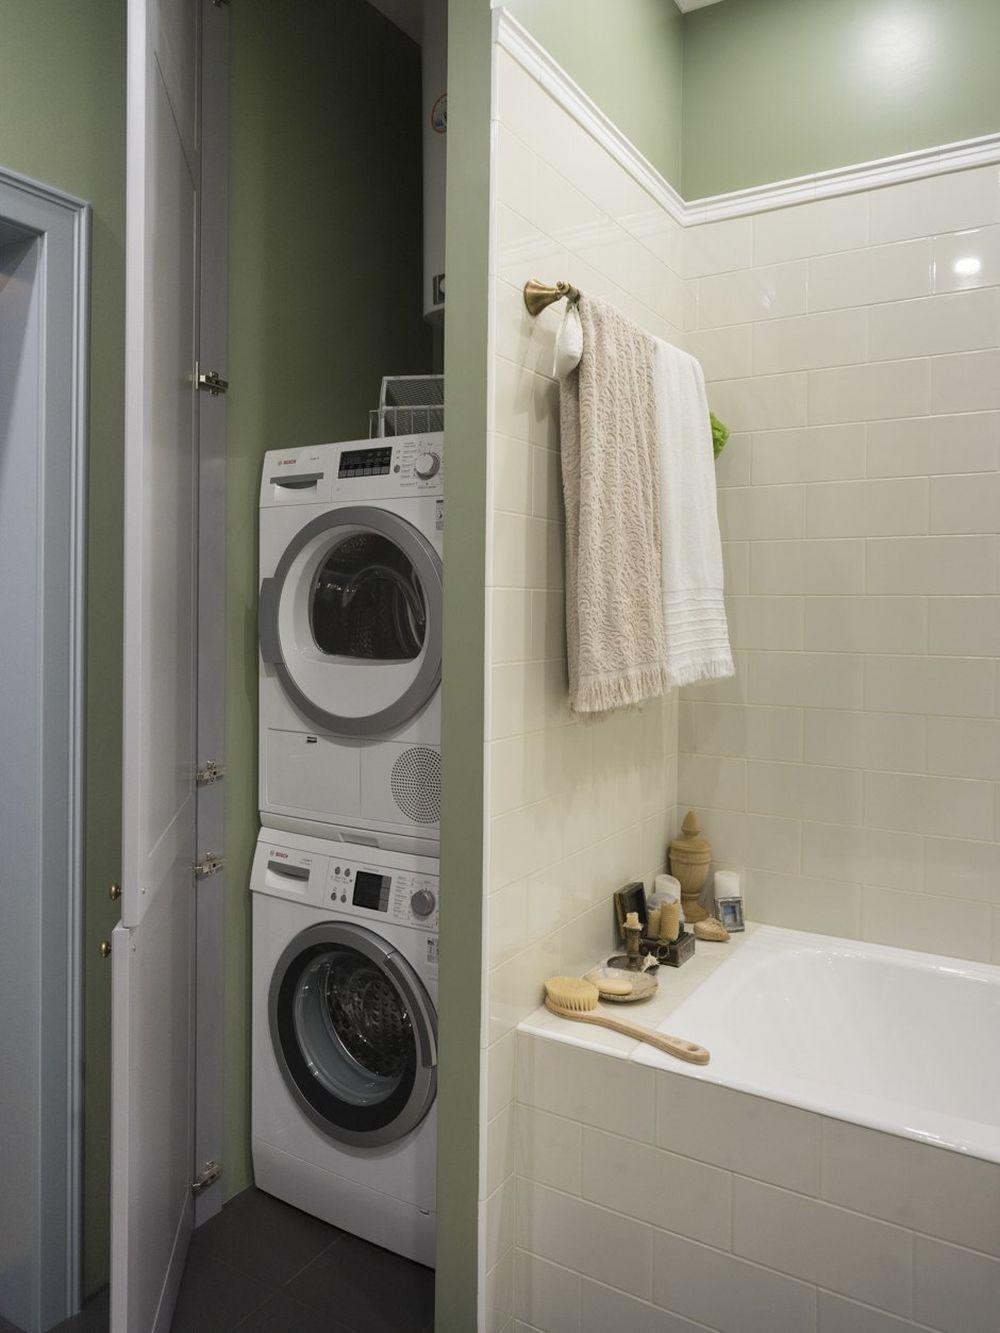 adelaparvu.com despre apartament 2 camere, 72 mp, Rusia, design Zi Design, Foto Polina Rukavichkina (4)